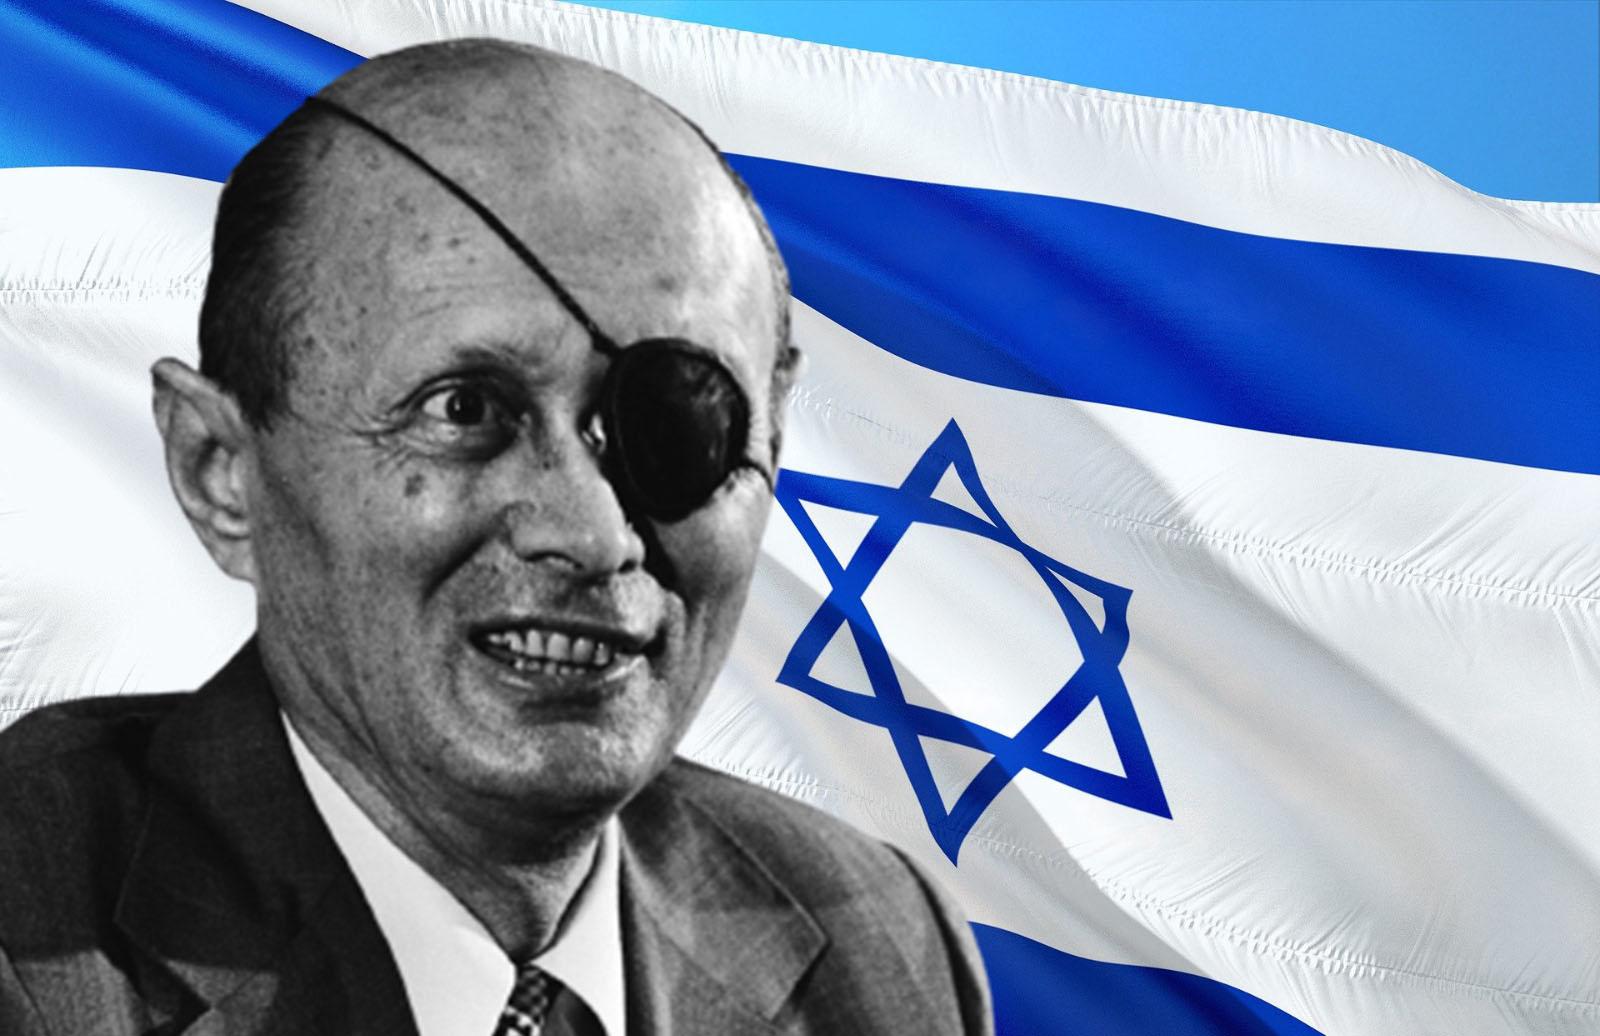 İsrail eski savunma bakanı Mısır'dan tarihi eser çalarken yakalandı